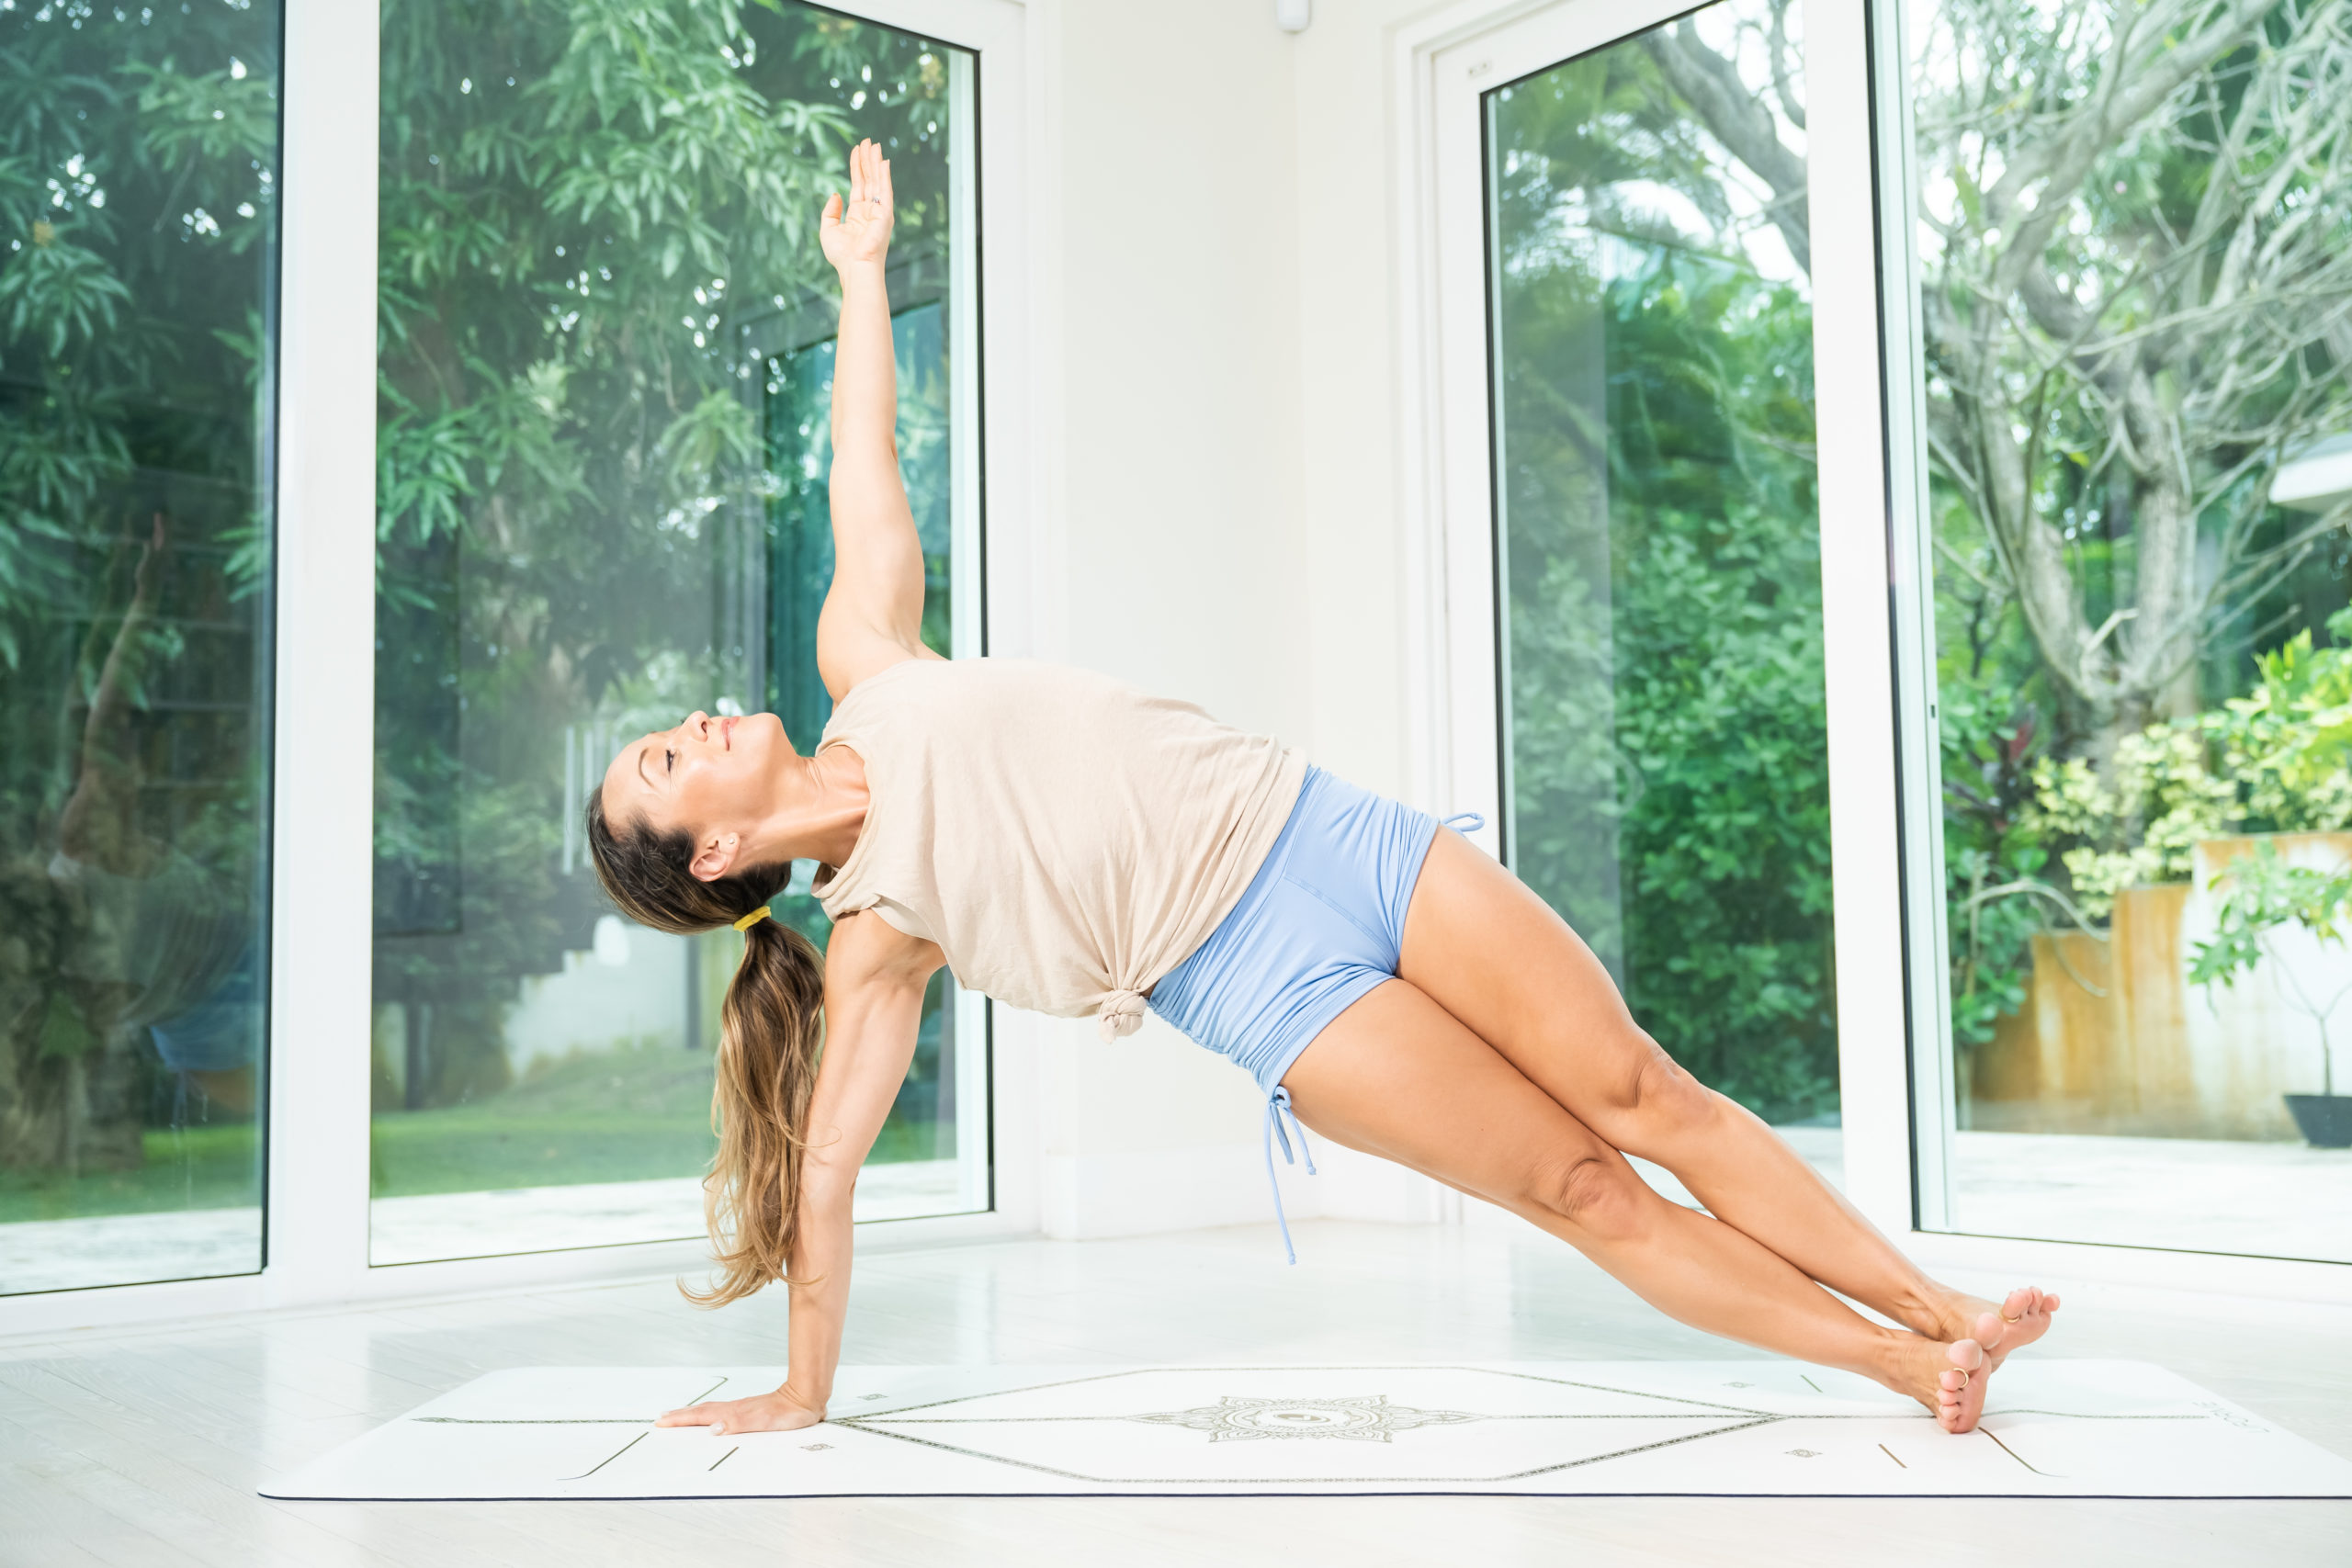 Vashisthasana (Side Plank Pose): The Fine Balance of Life